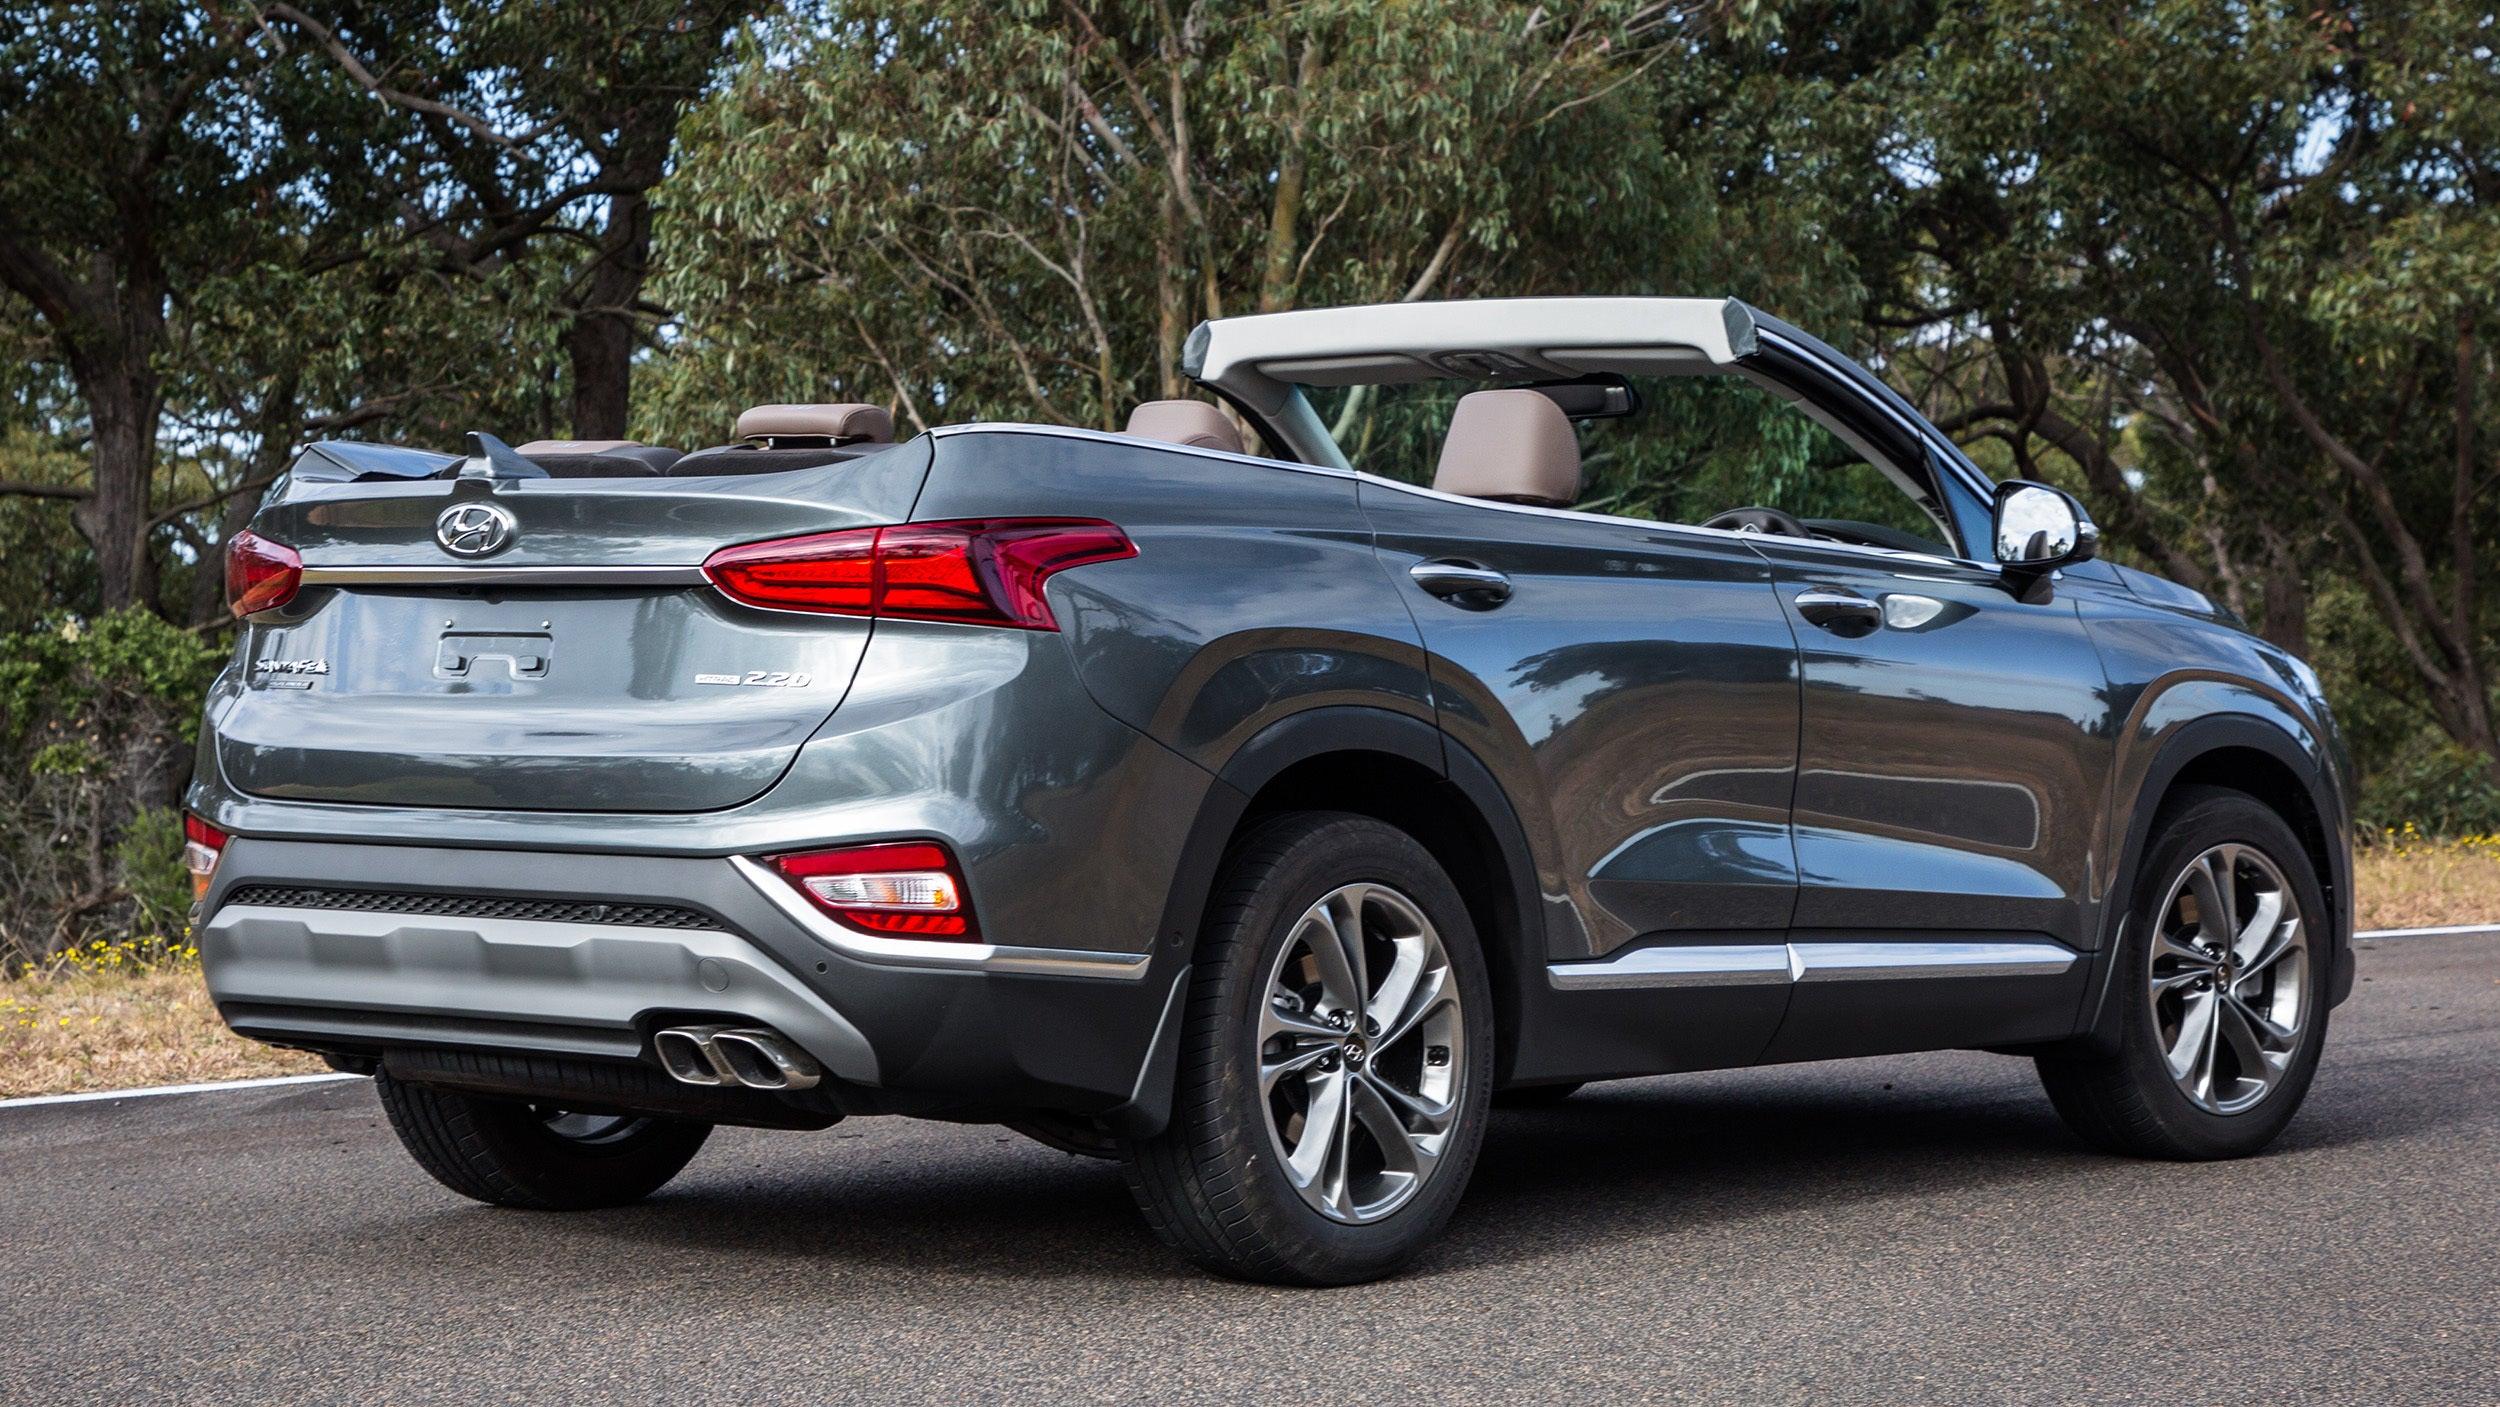 2018 - [Hyundai] Santa Fe IV - Page 3 Oyaqb1lspcyrpi8gr35u